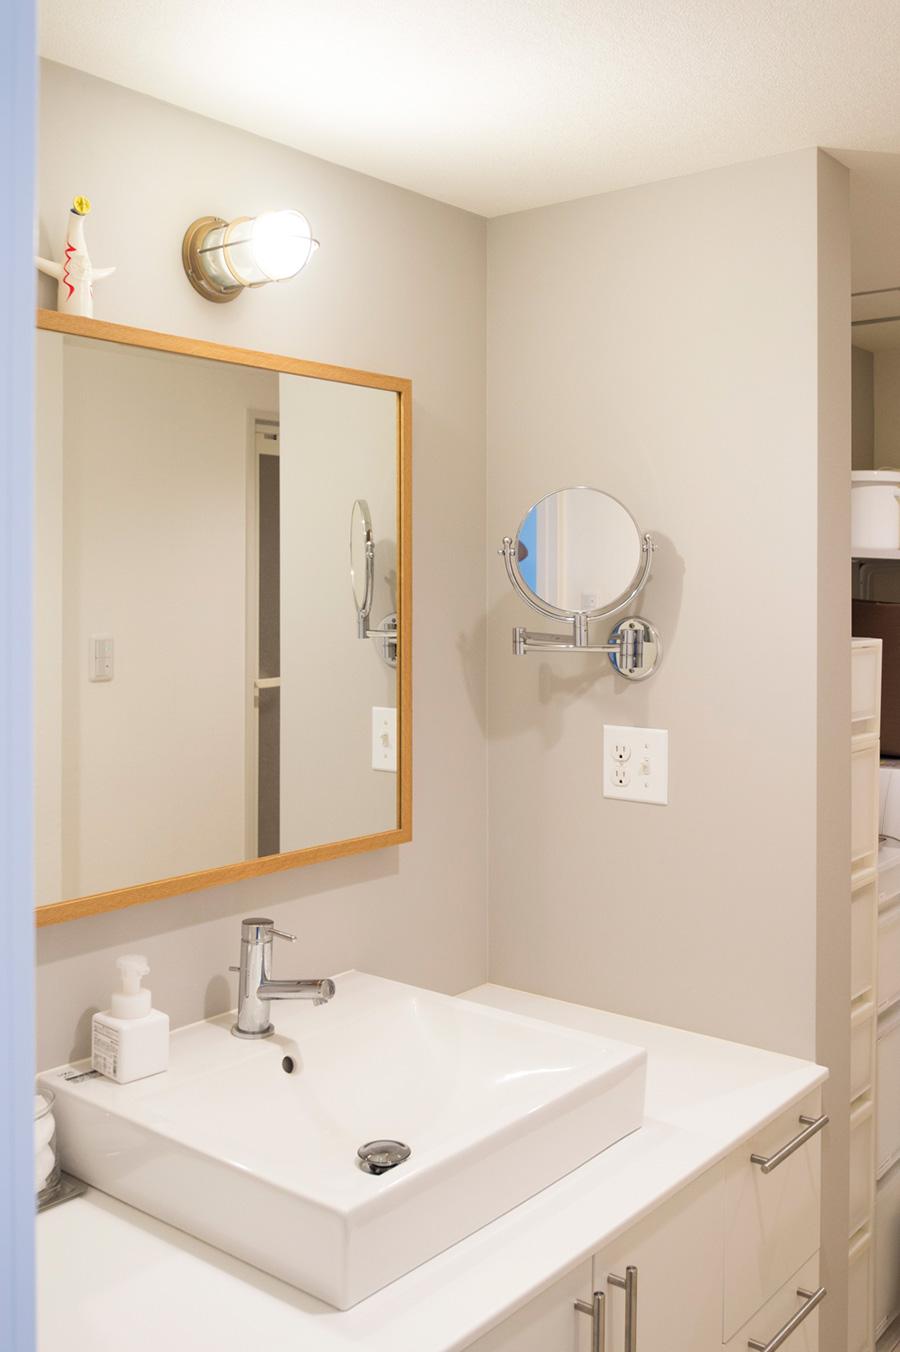 システム洗面台を外して好みのものに付け替えた。ごちゃごちゃしがちな洗面所は、片付けやすいシステムを作ってあげればすっきり。